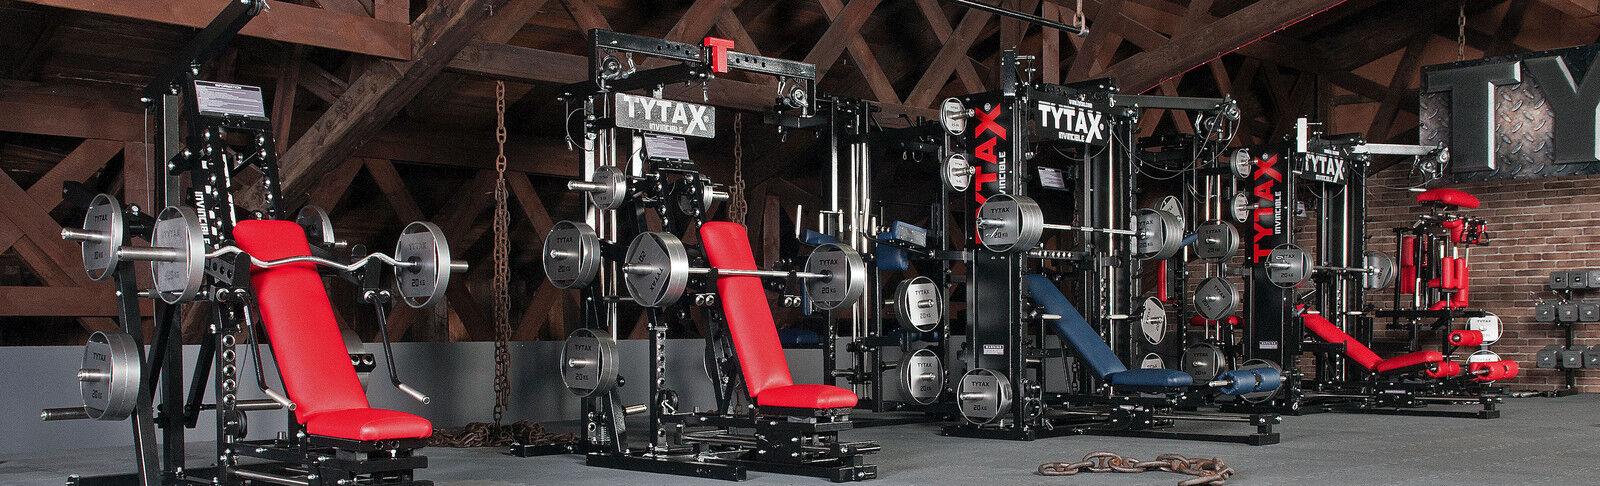 TYTAX Multi-Gym